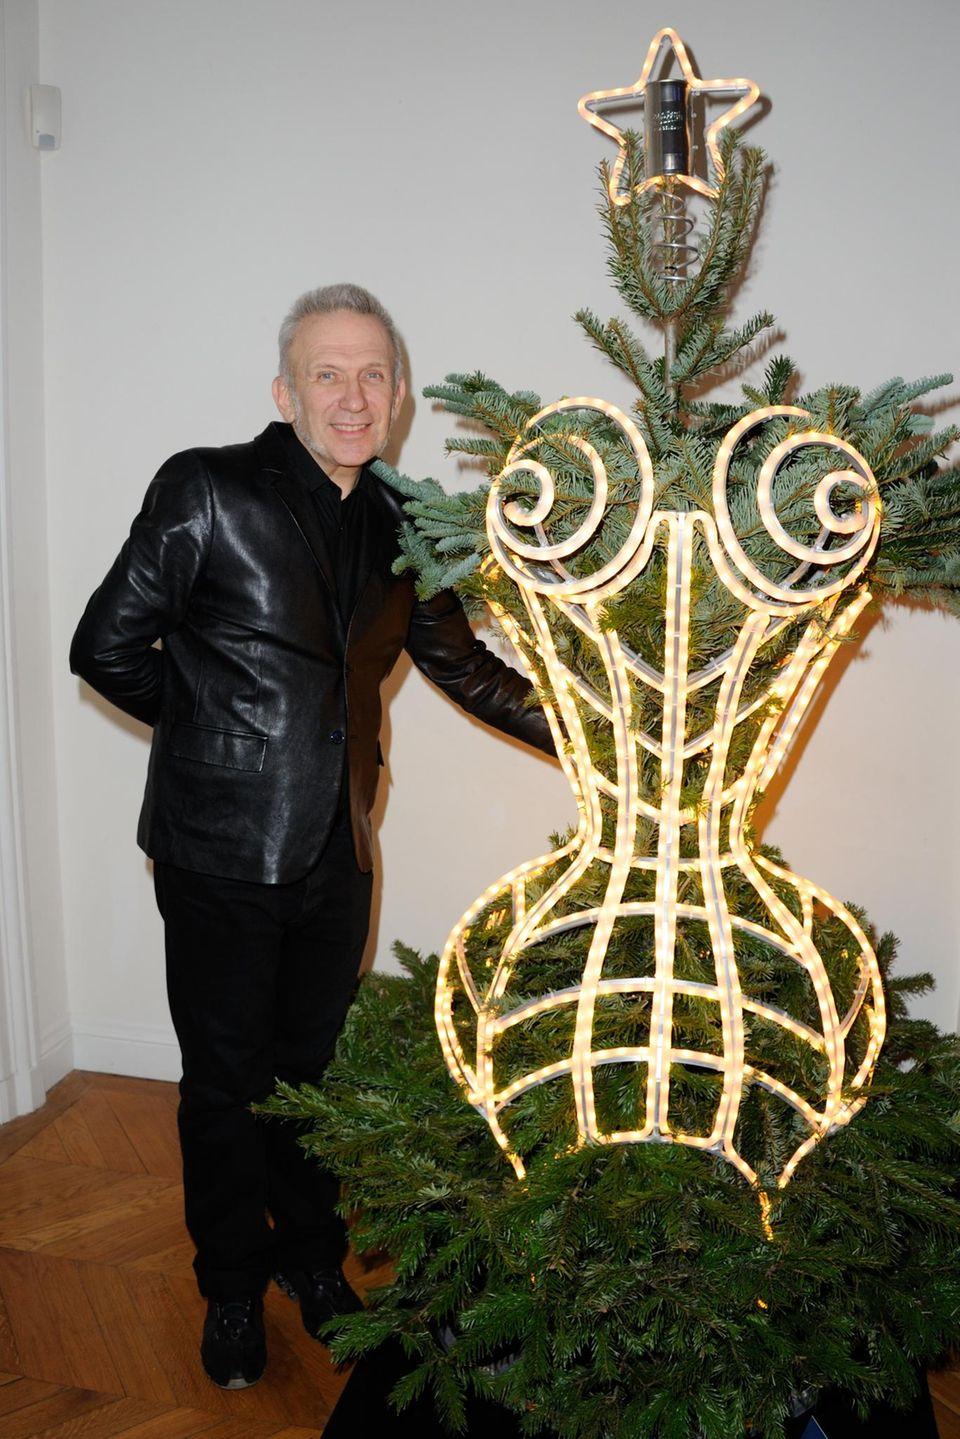 Jedes Jahr Anfang Dezember werden kreative Weihnachtsbaum-Entwürfe von verschiedenen Designer für einen guten Zweck versteigert. Jean Paul Gaultier steckte seinen Baum in ein leuchtendes Korsett.